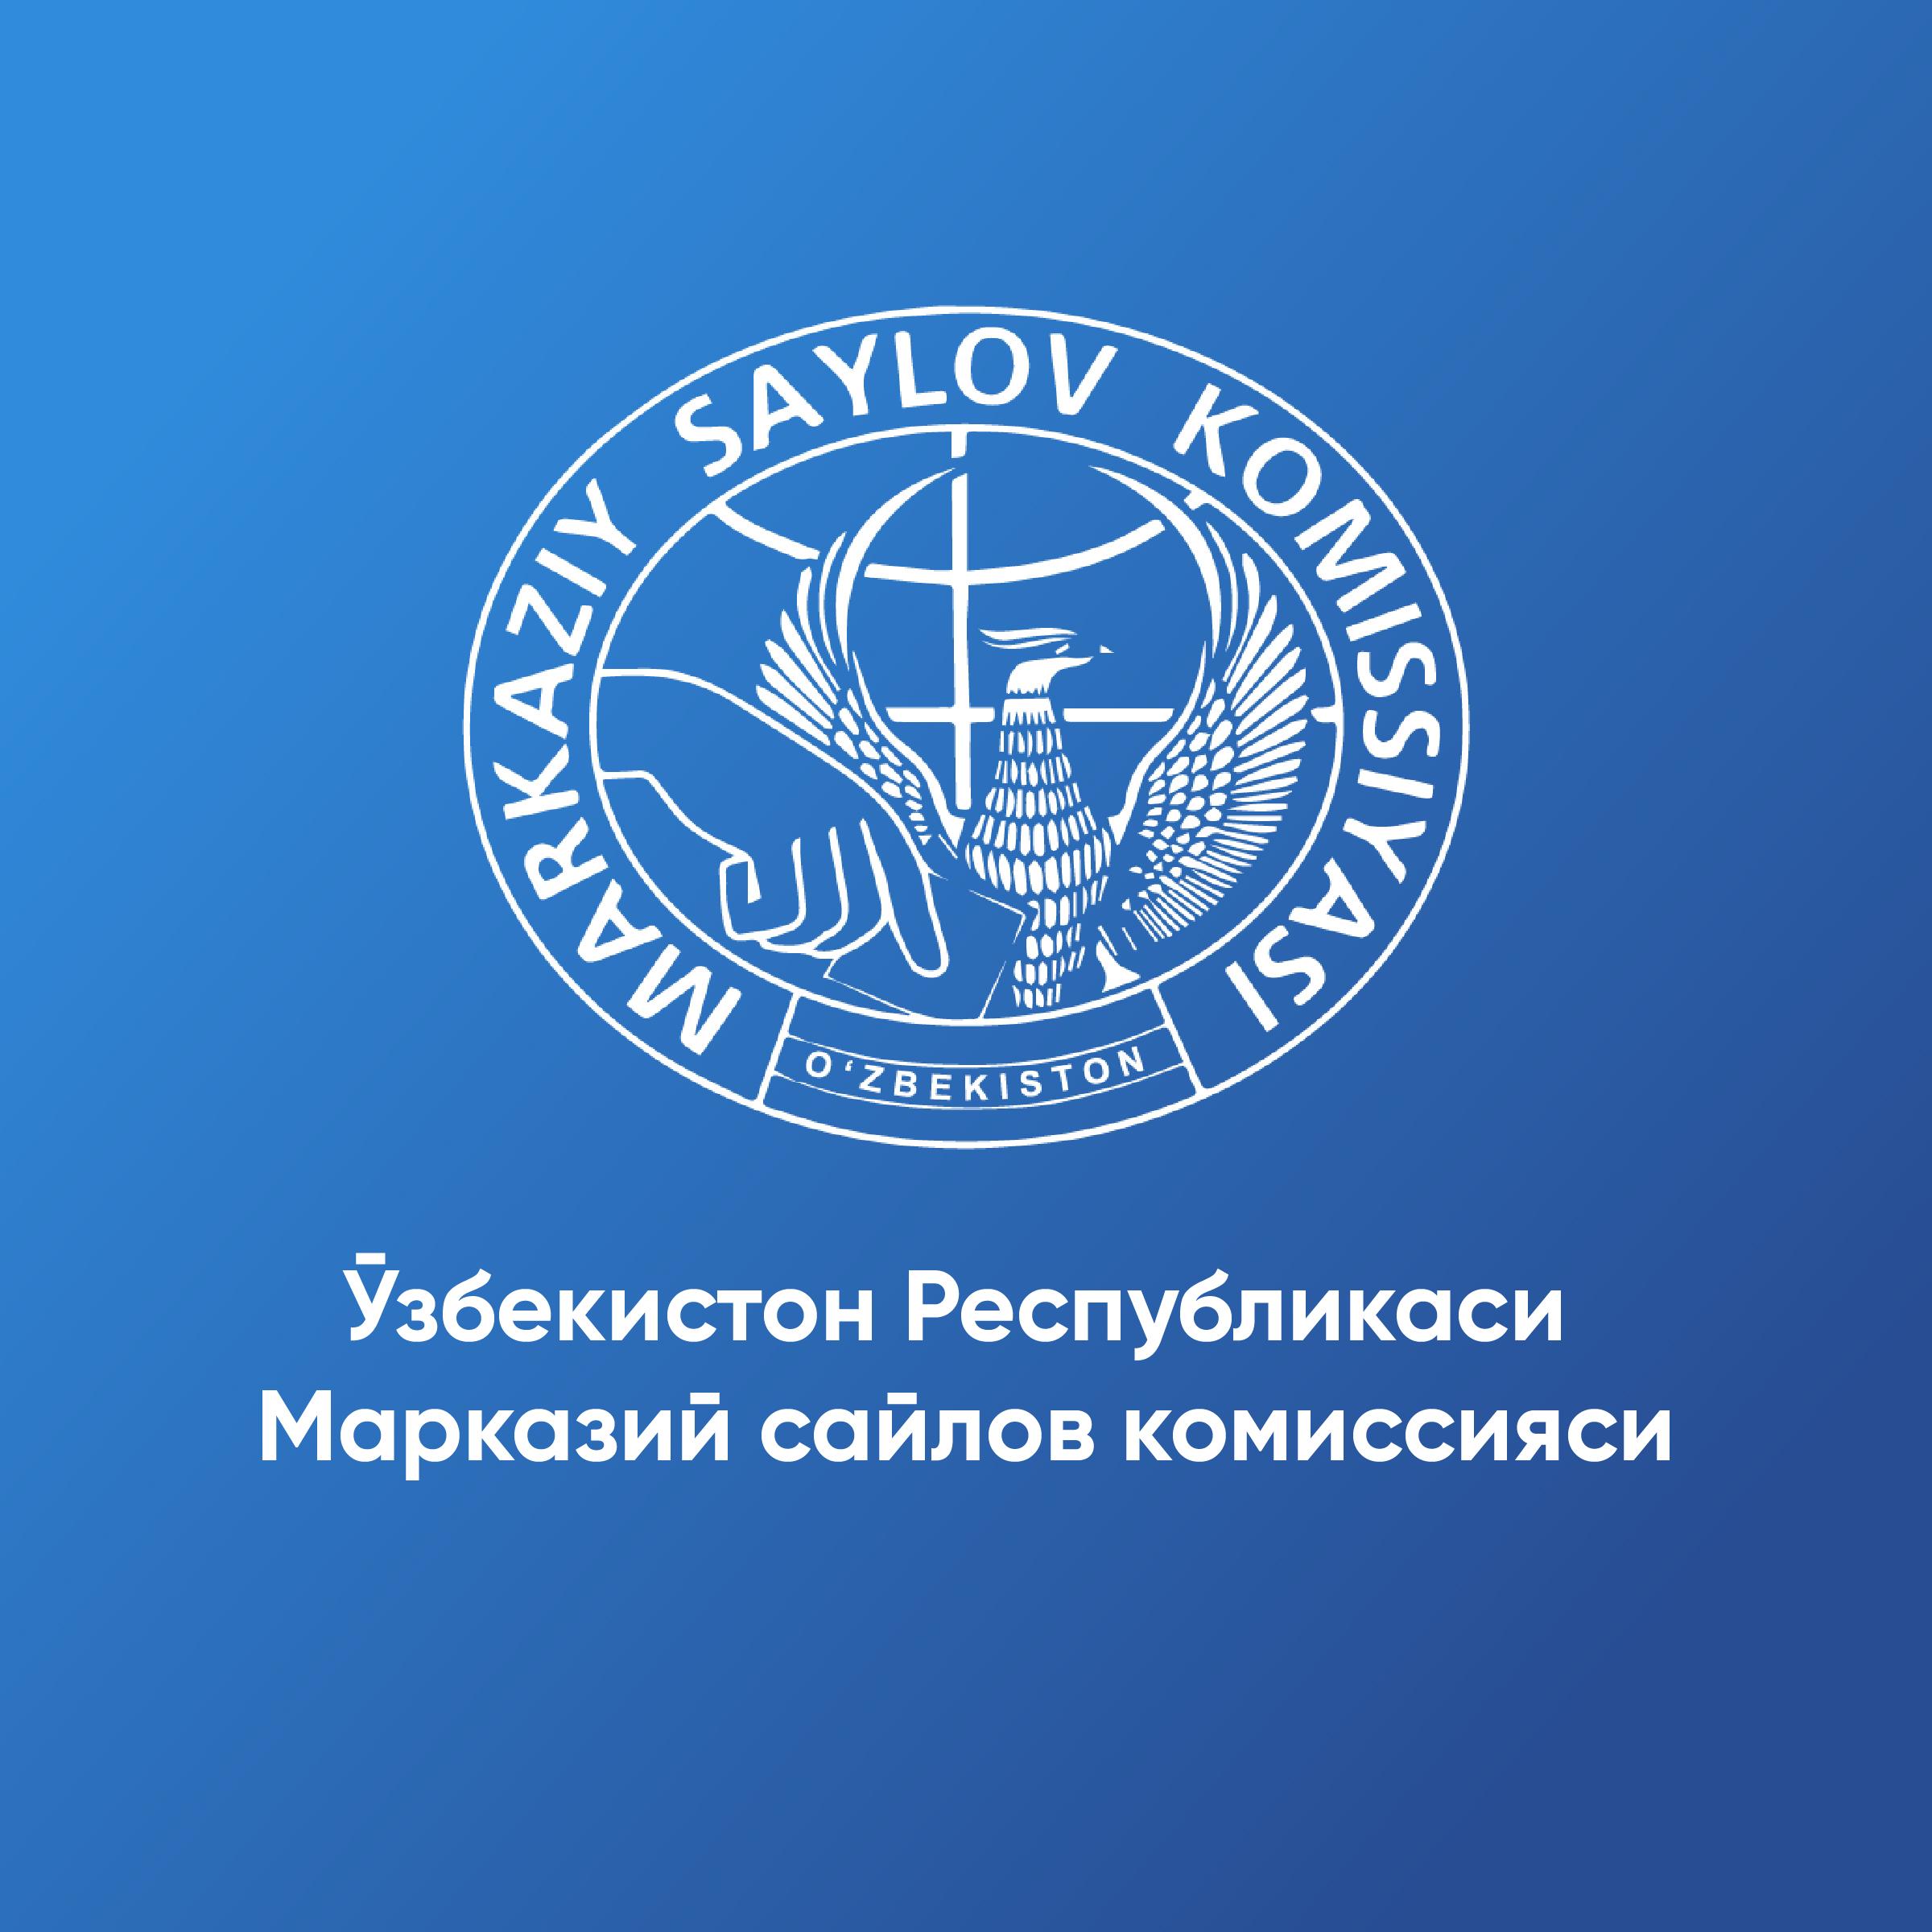 Для участия в выборах Президента приглашены миссии ПА и БДИПЧ ОБСЕ